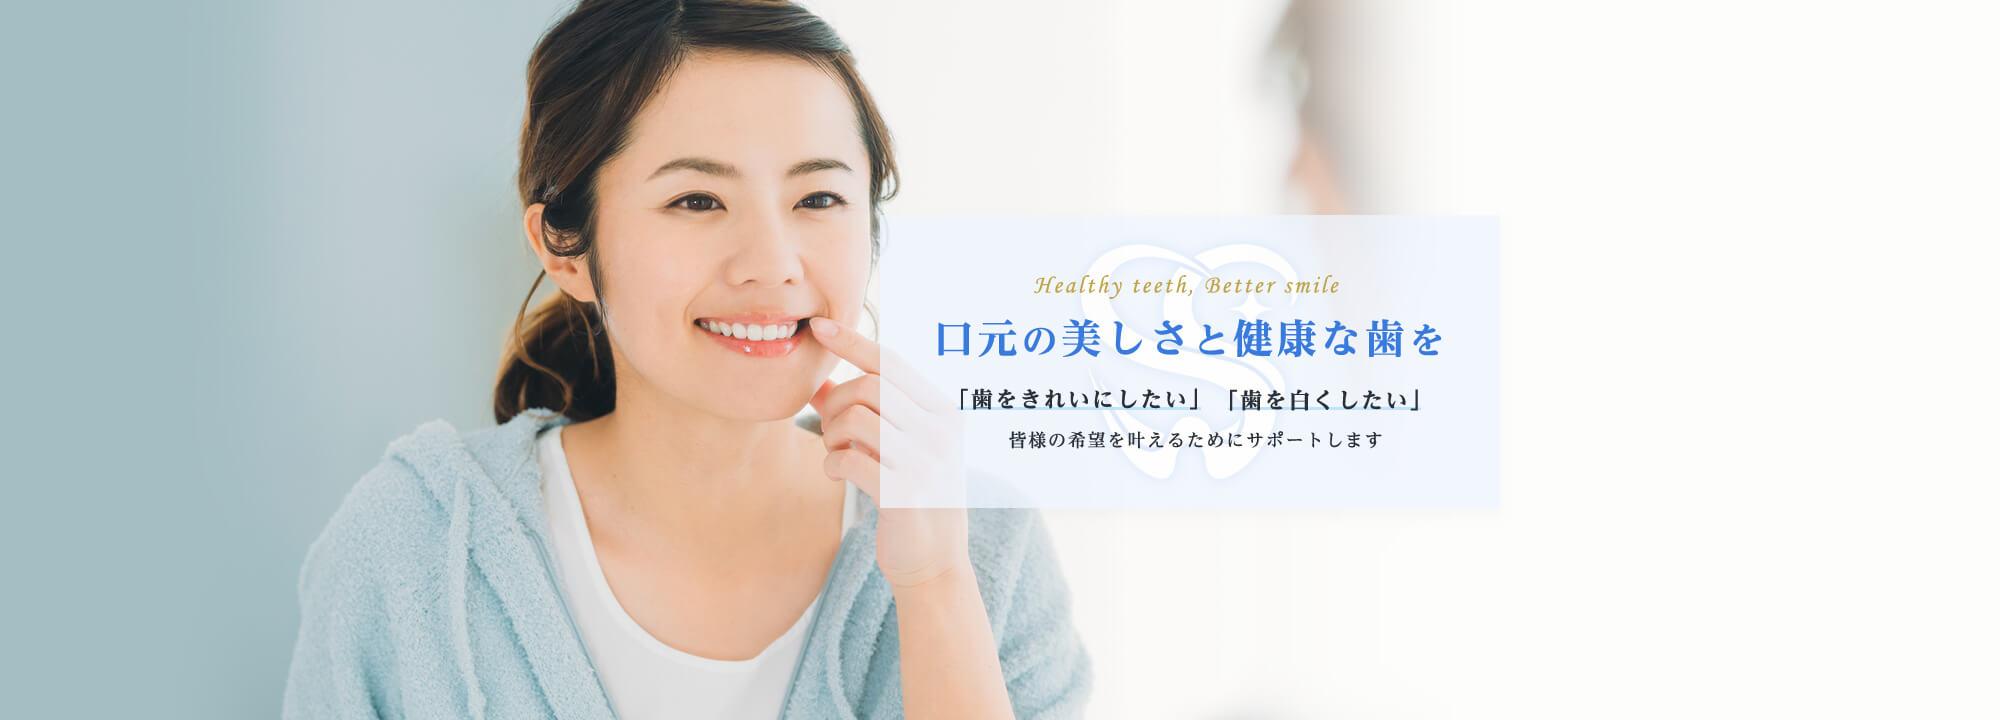 口元の美しさと健康な歯を